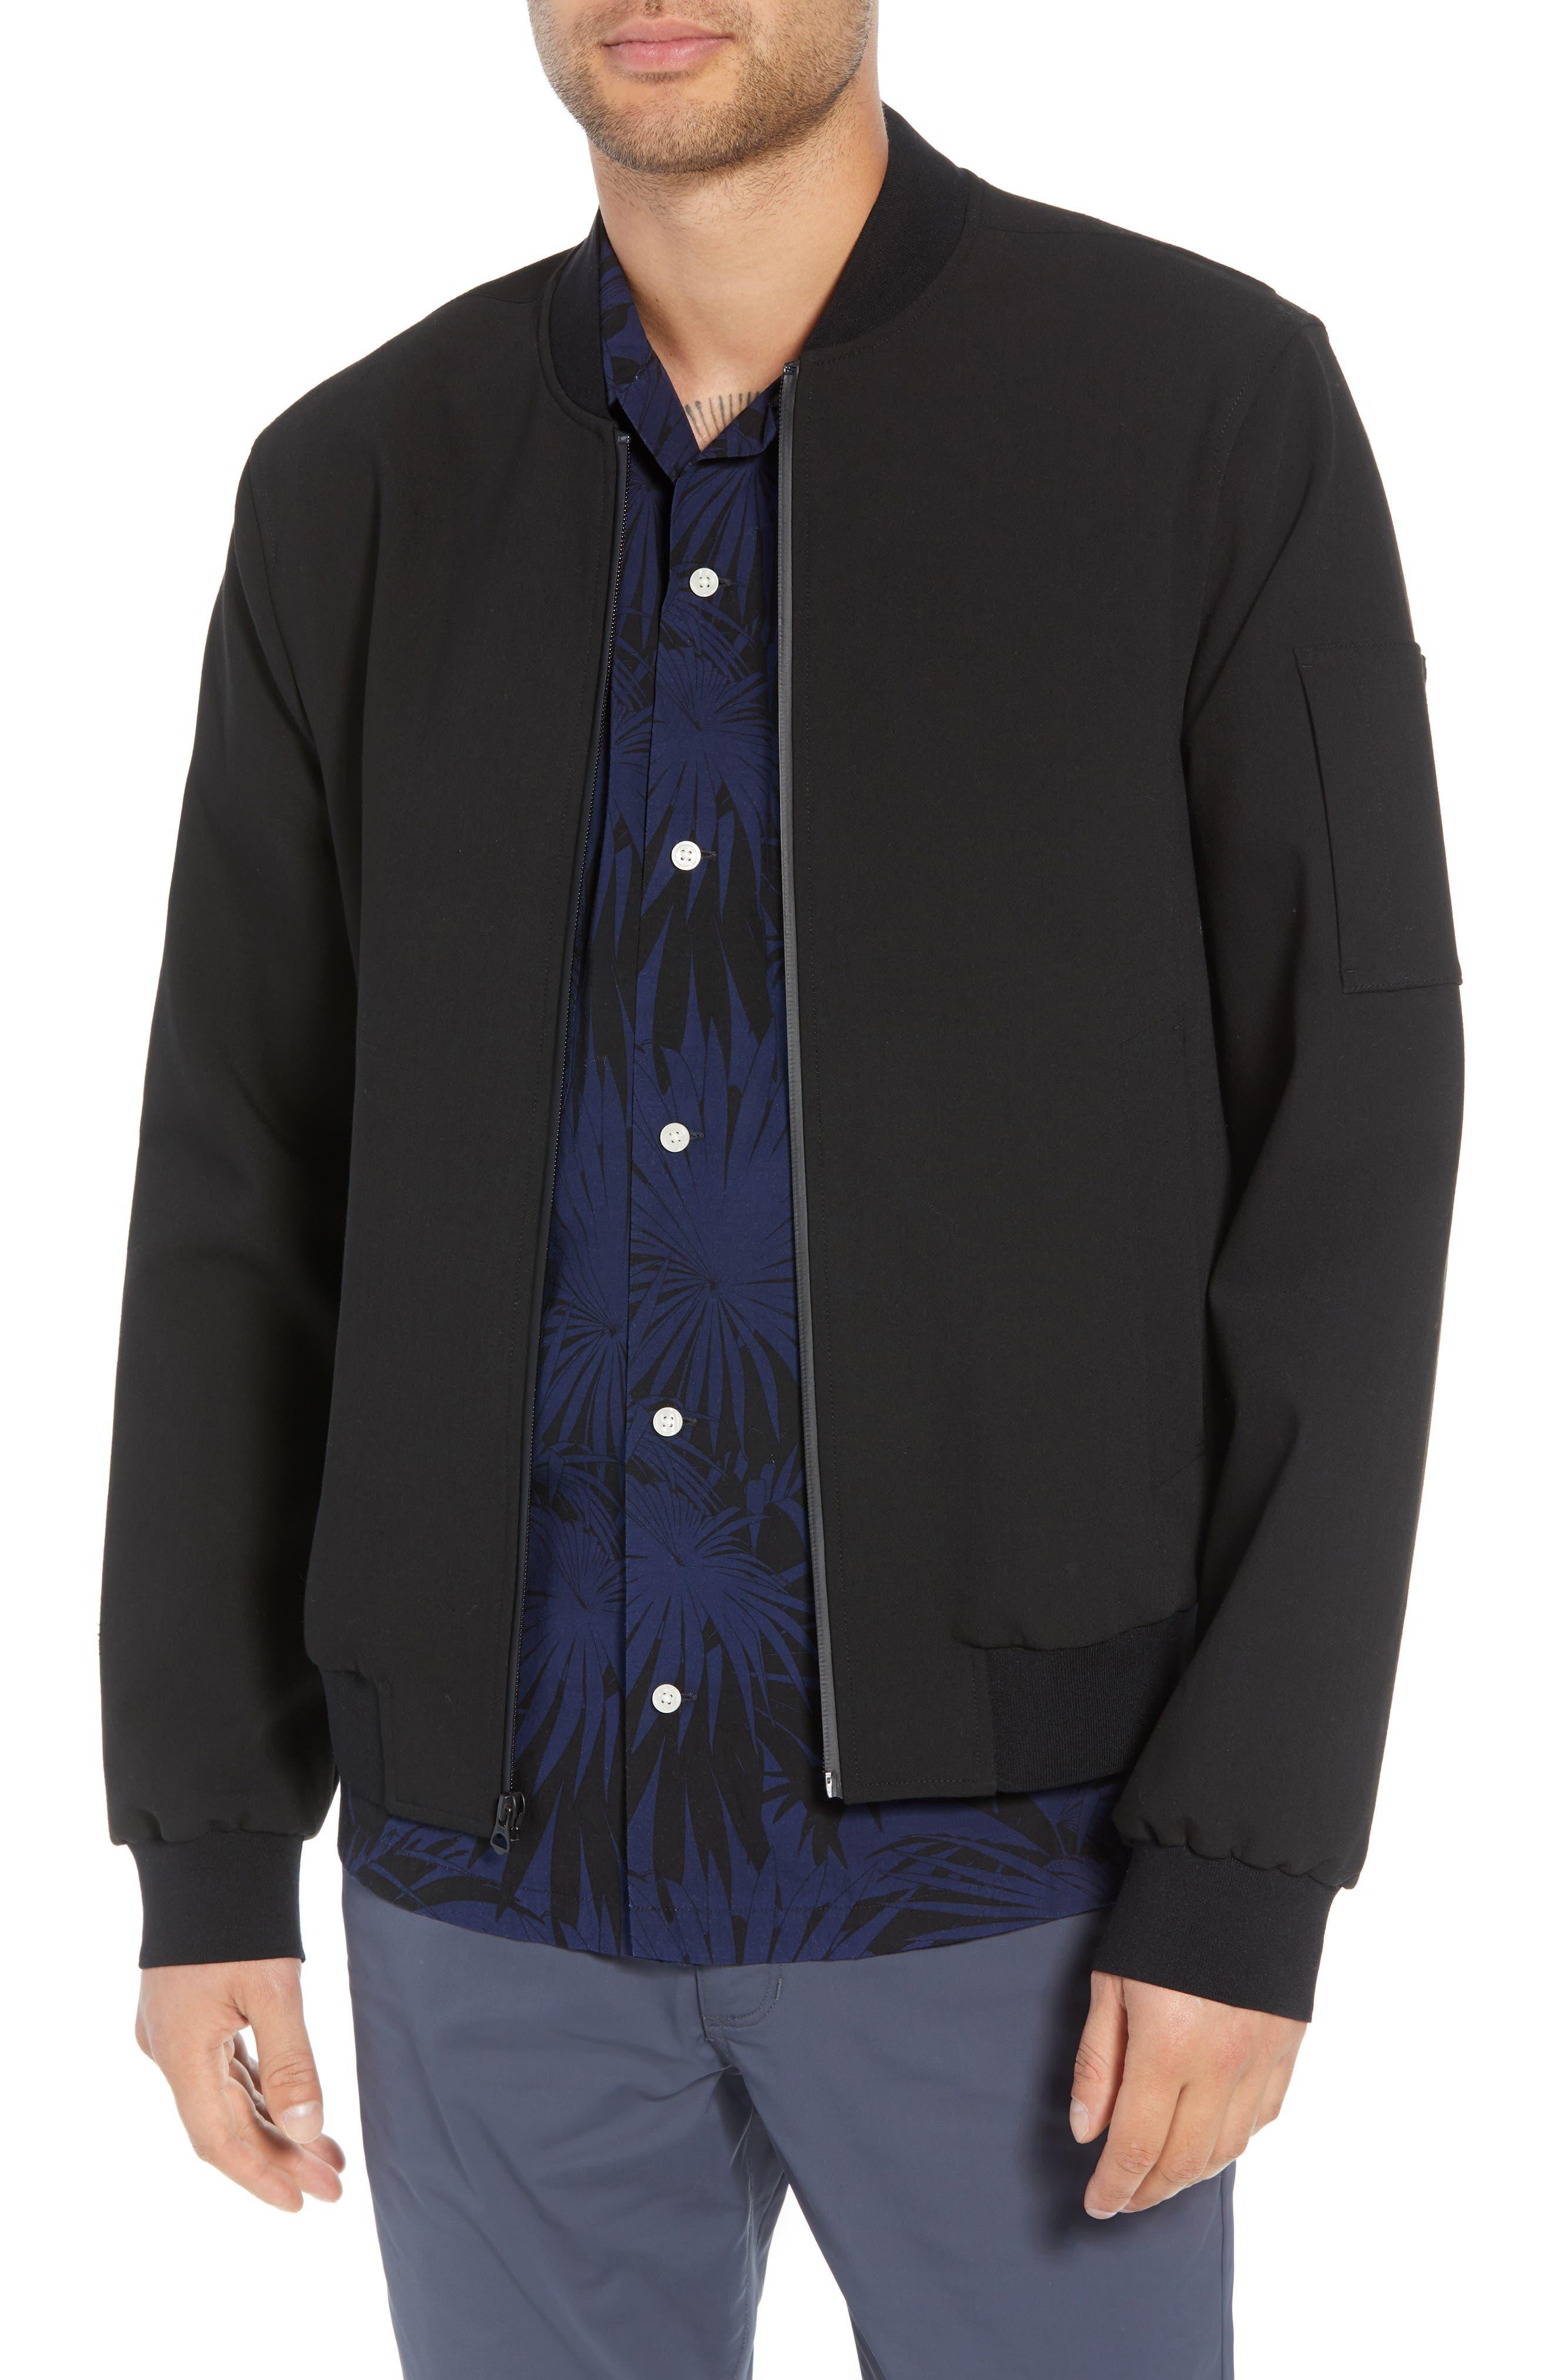 Regular Fit Bomber Jacket,                         Main,                         color, 001